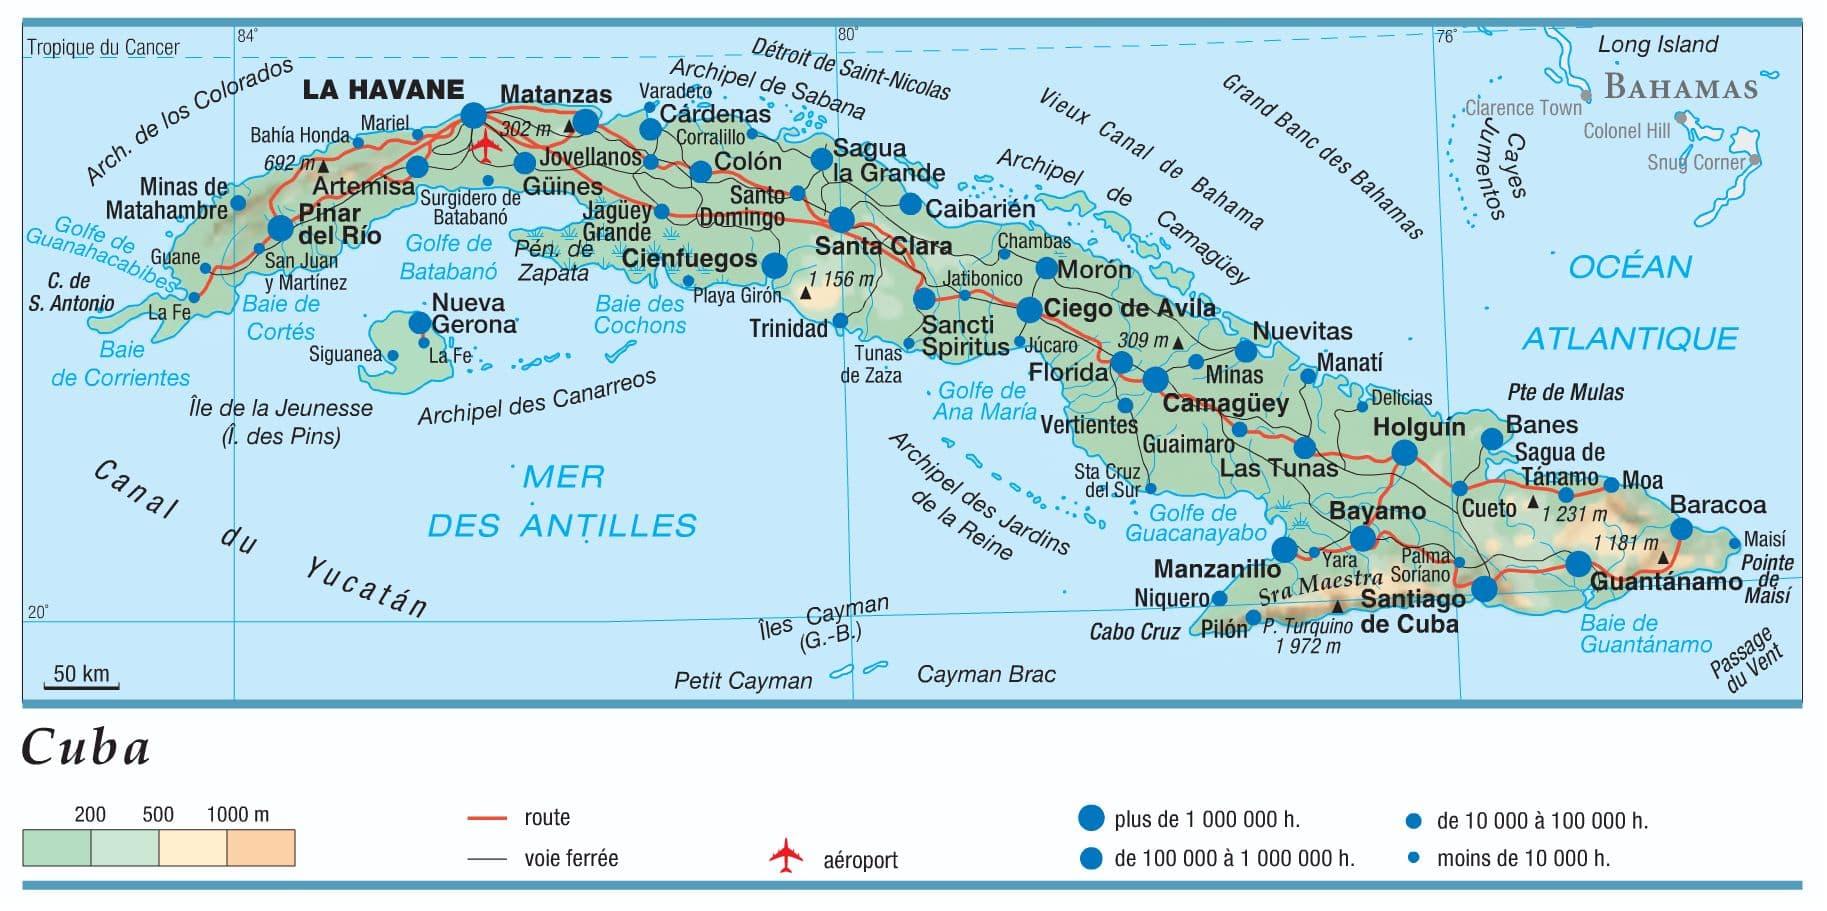 Encyclopédie Larousse en ligne   Cuba : géographie physique